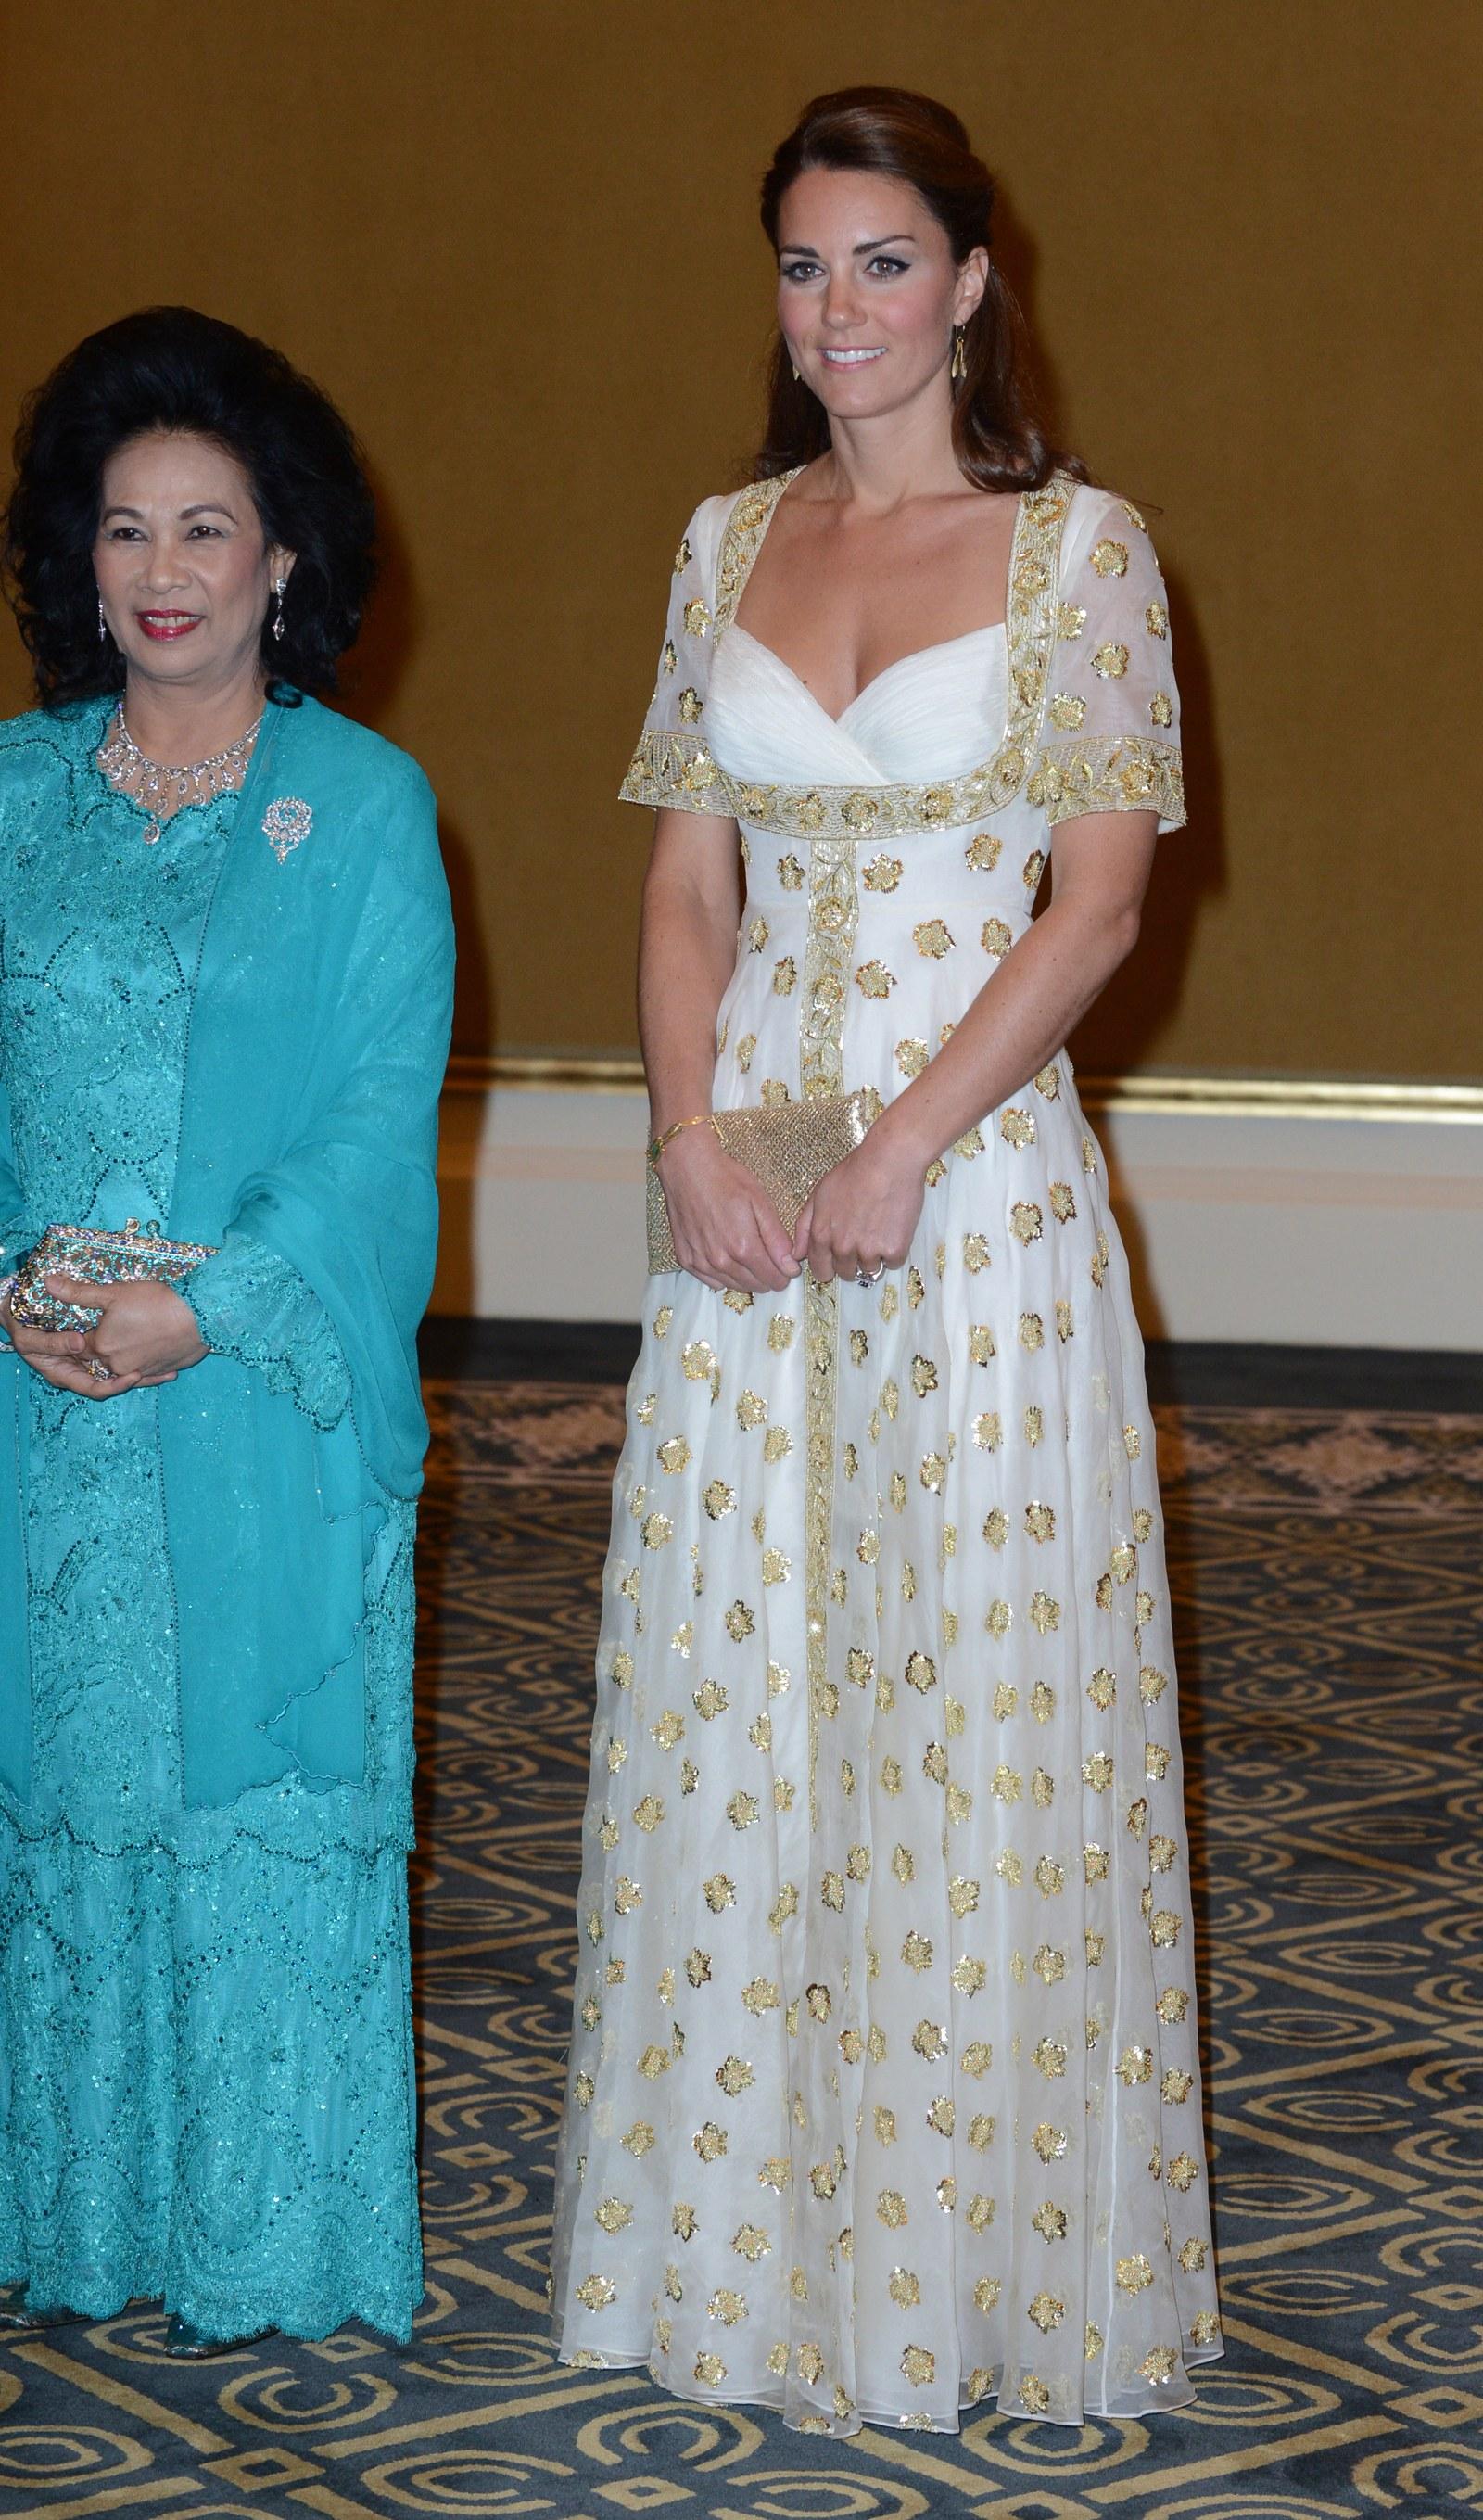 Hình ảnh Kate Middleton cùng chiếc đầm Alexander McQueen năm 2012 tại Malaysia